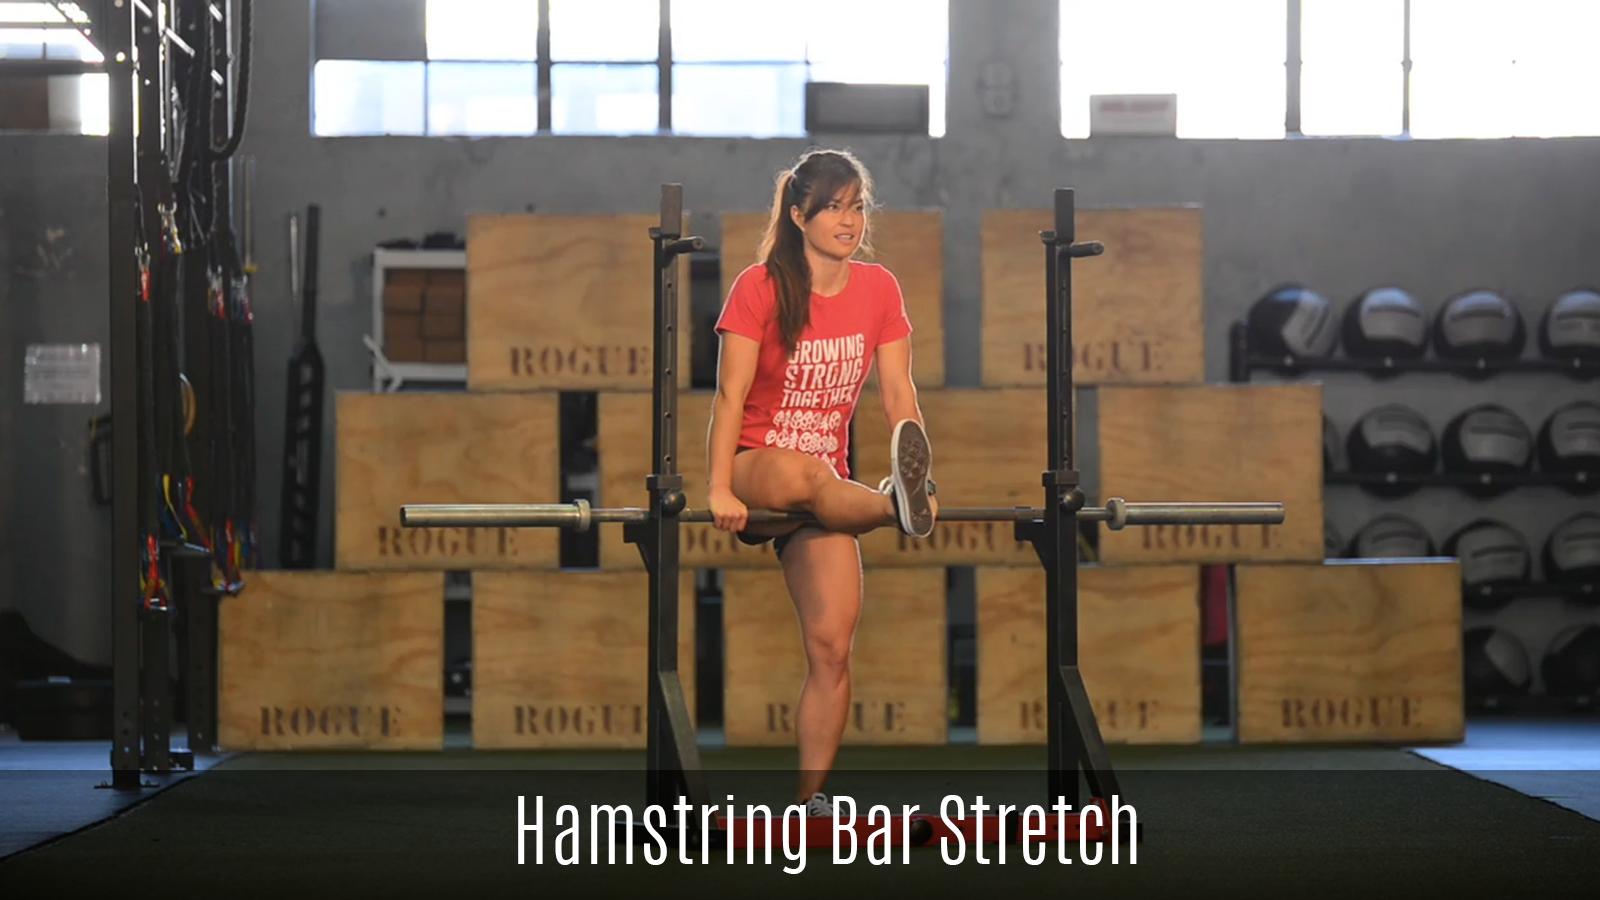 hamstring stretch using a bar